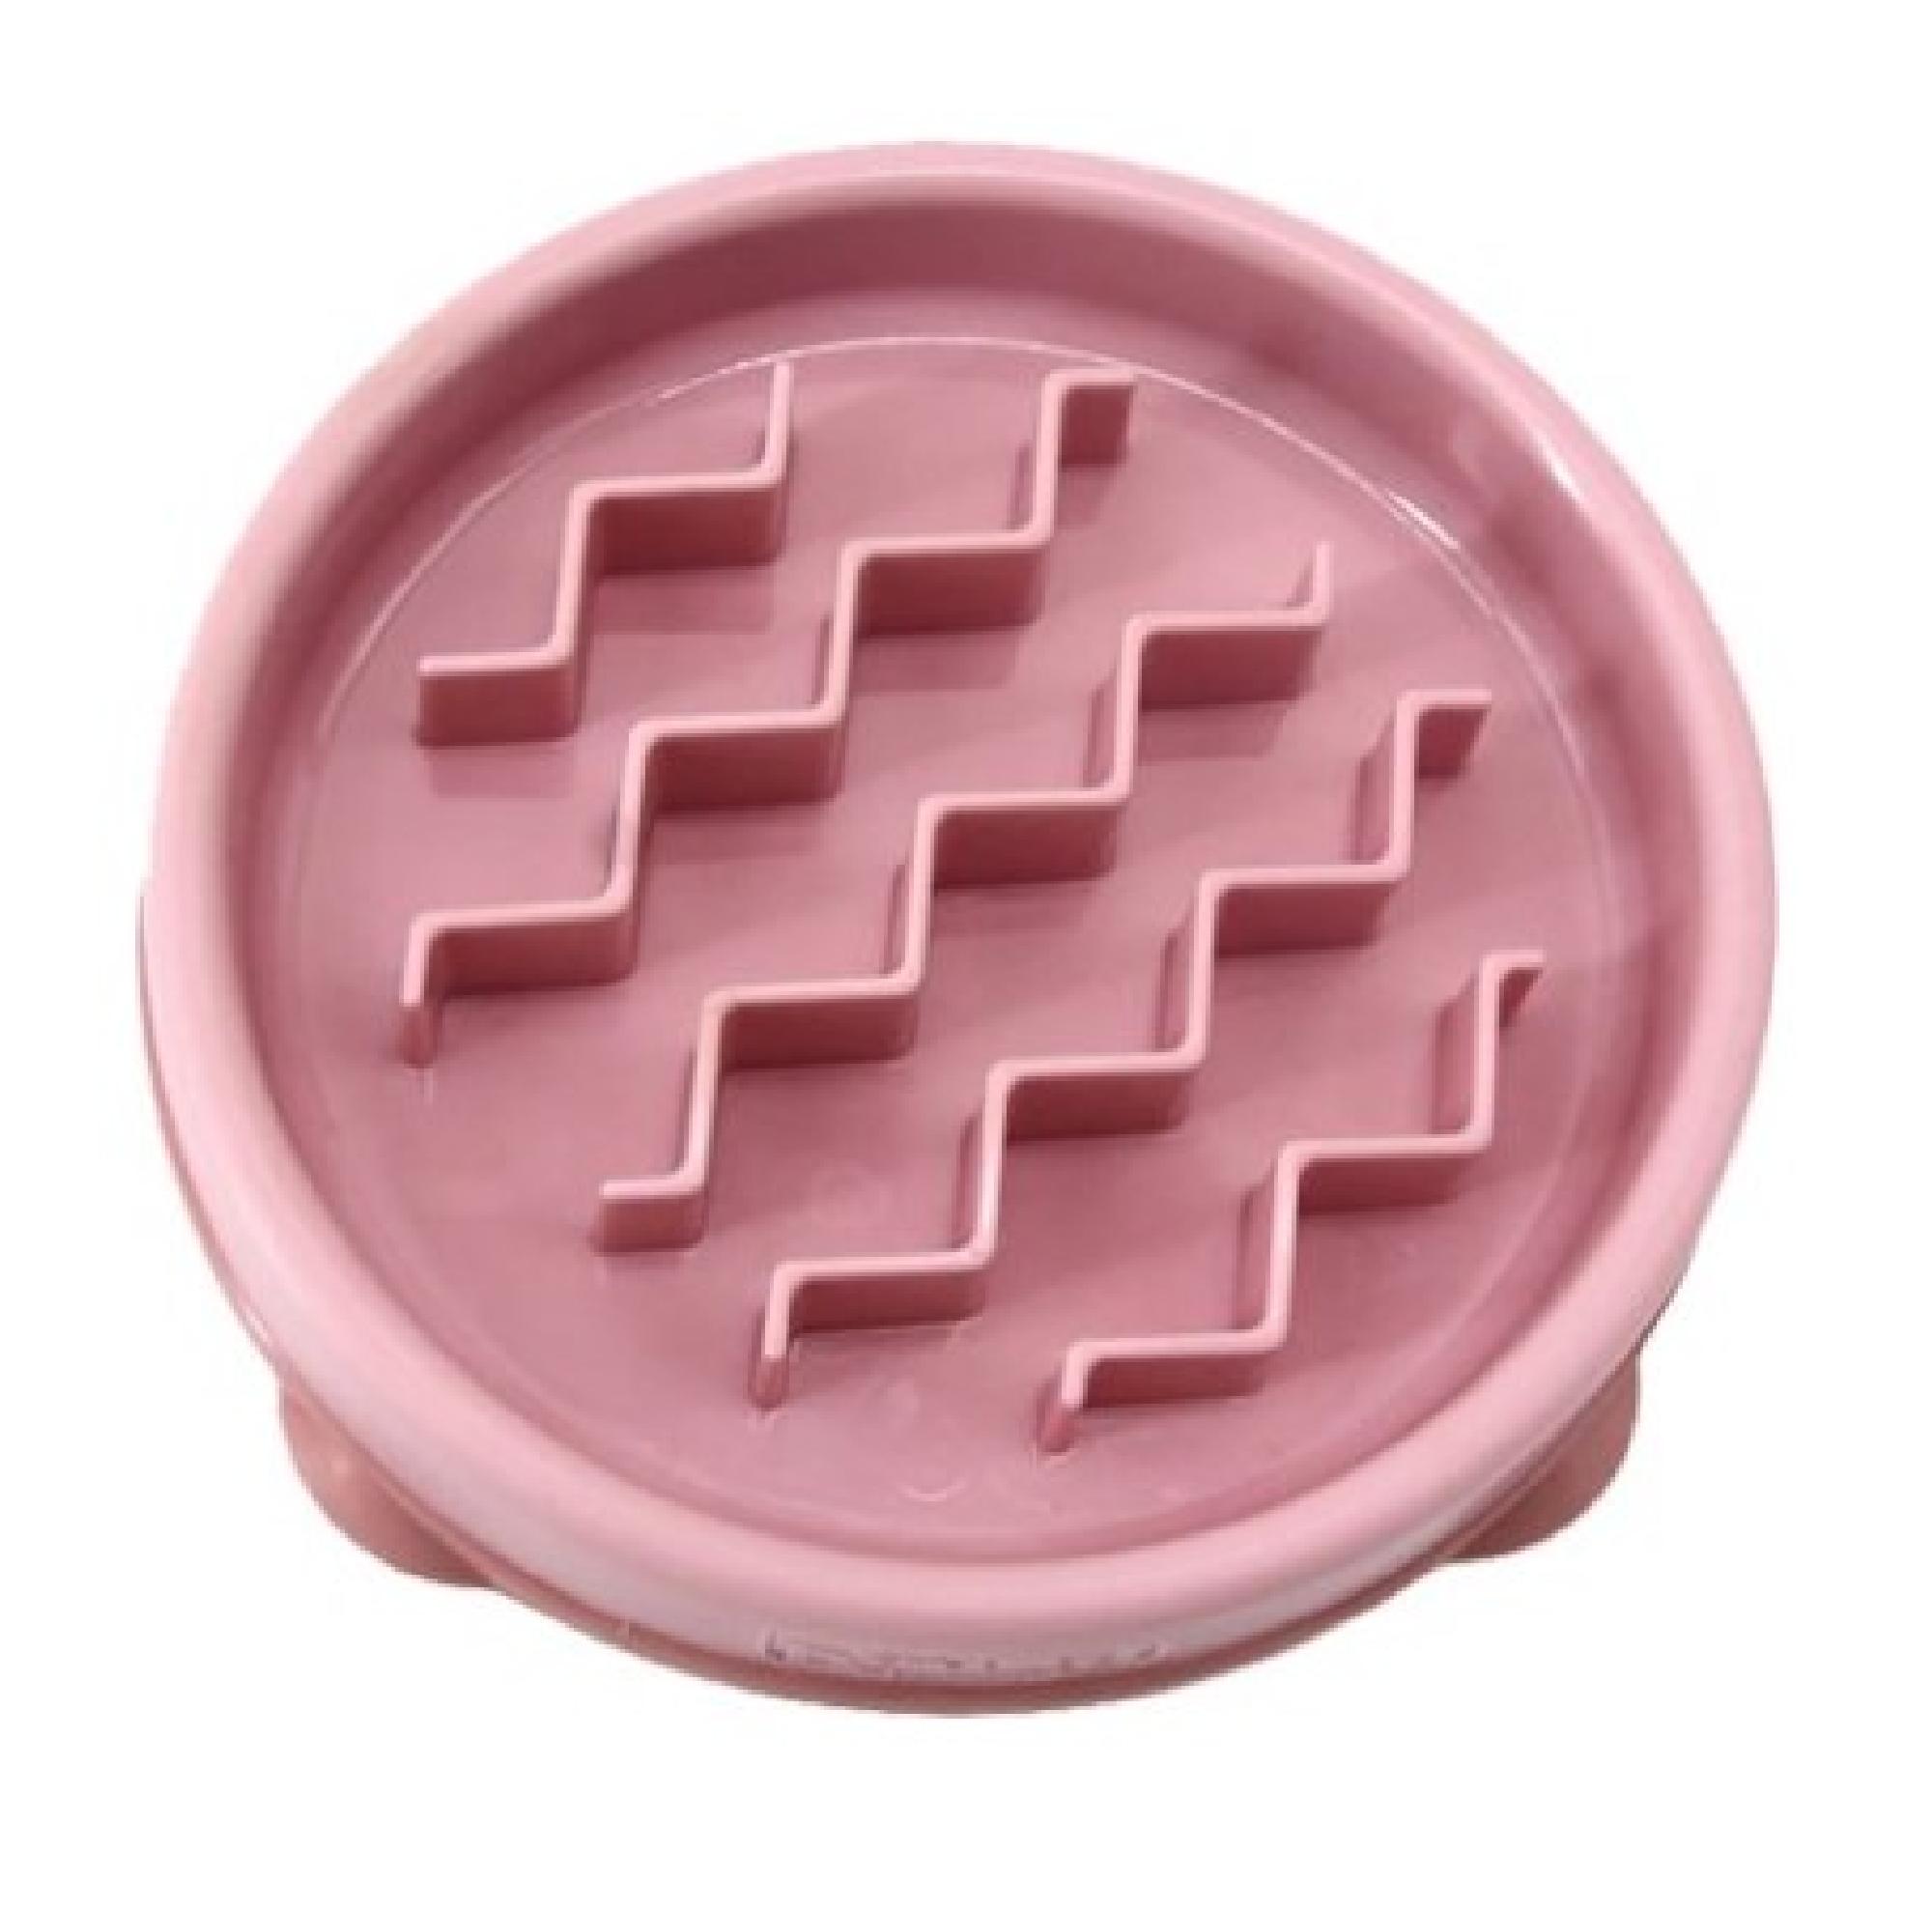 Outward Hound Fun Feeder Mint or Pink